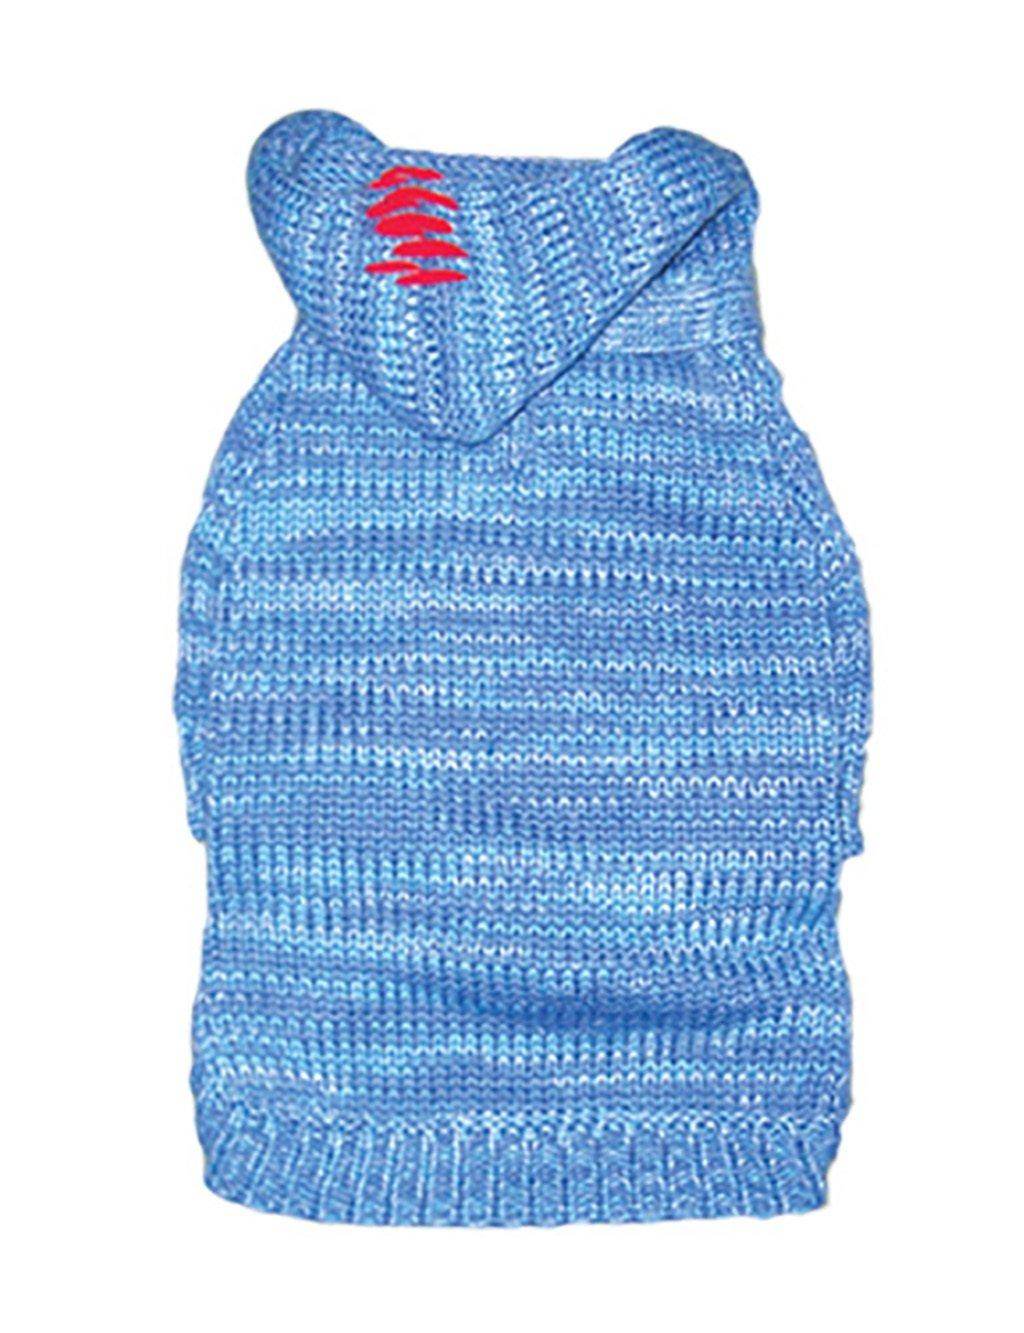 KKCF Autunno e in in in inverno vestiti del cane cappotto del maglione vestiti dell'animale domestico Cane gatto ( Coloreeee   Blu , dimensioni   Xl ) | Pacchetti Alla Moda E Attraente  | Di Modo Attraente  | Discount  | Buona reputazione a livello mondiale f12a65